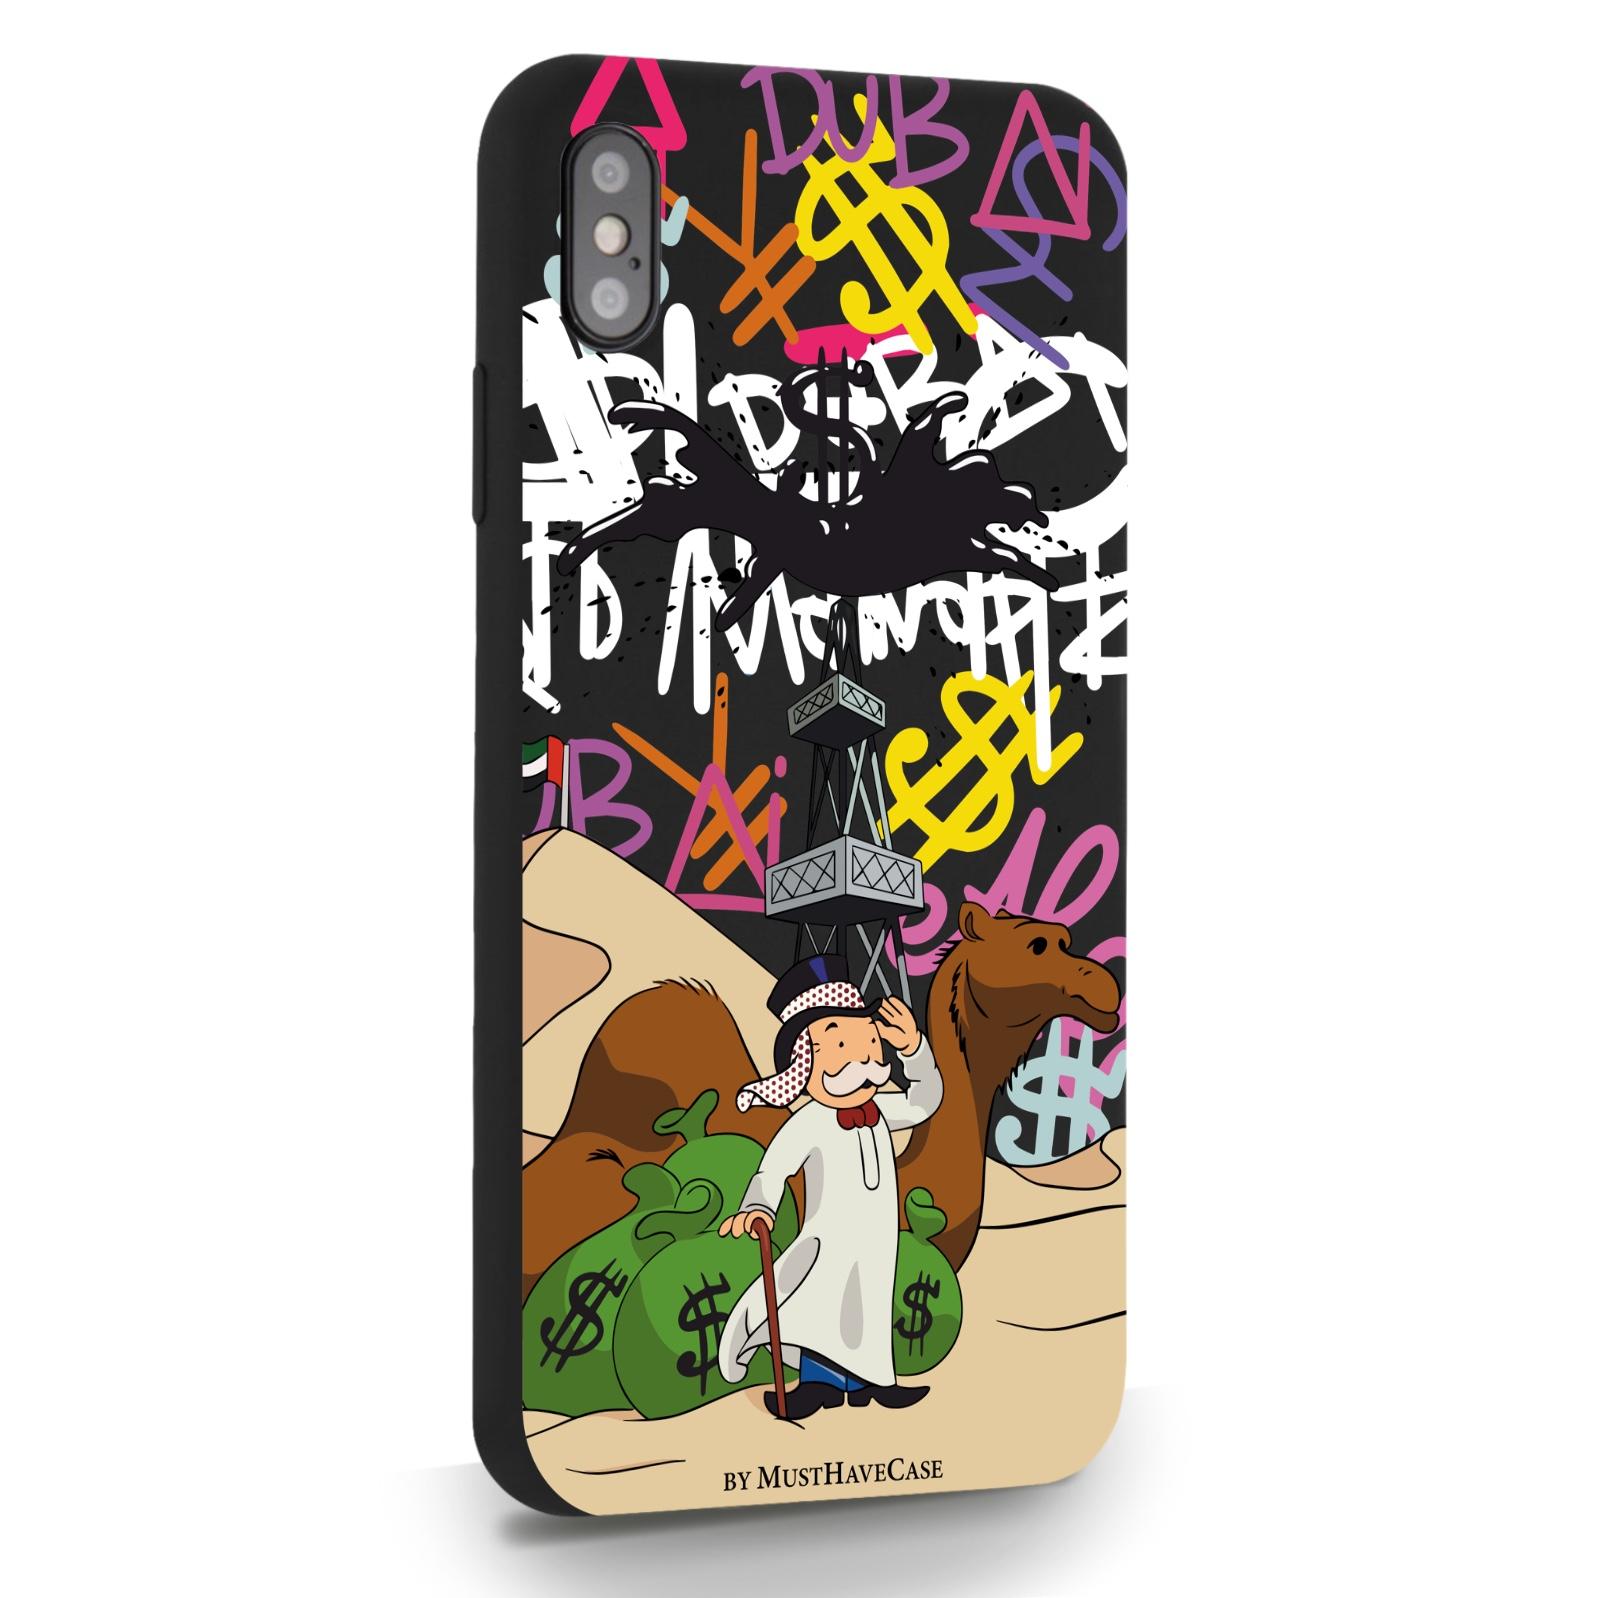 Черный силиконовый чехол для iPhone XsMax Monopoly Dubai/ Дубай для Айфон 10С Макс